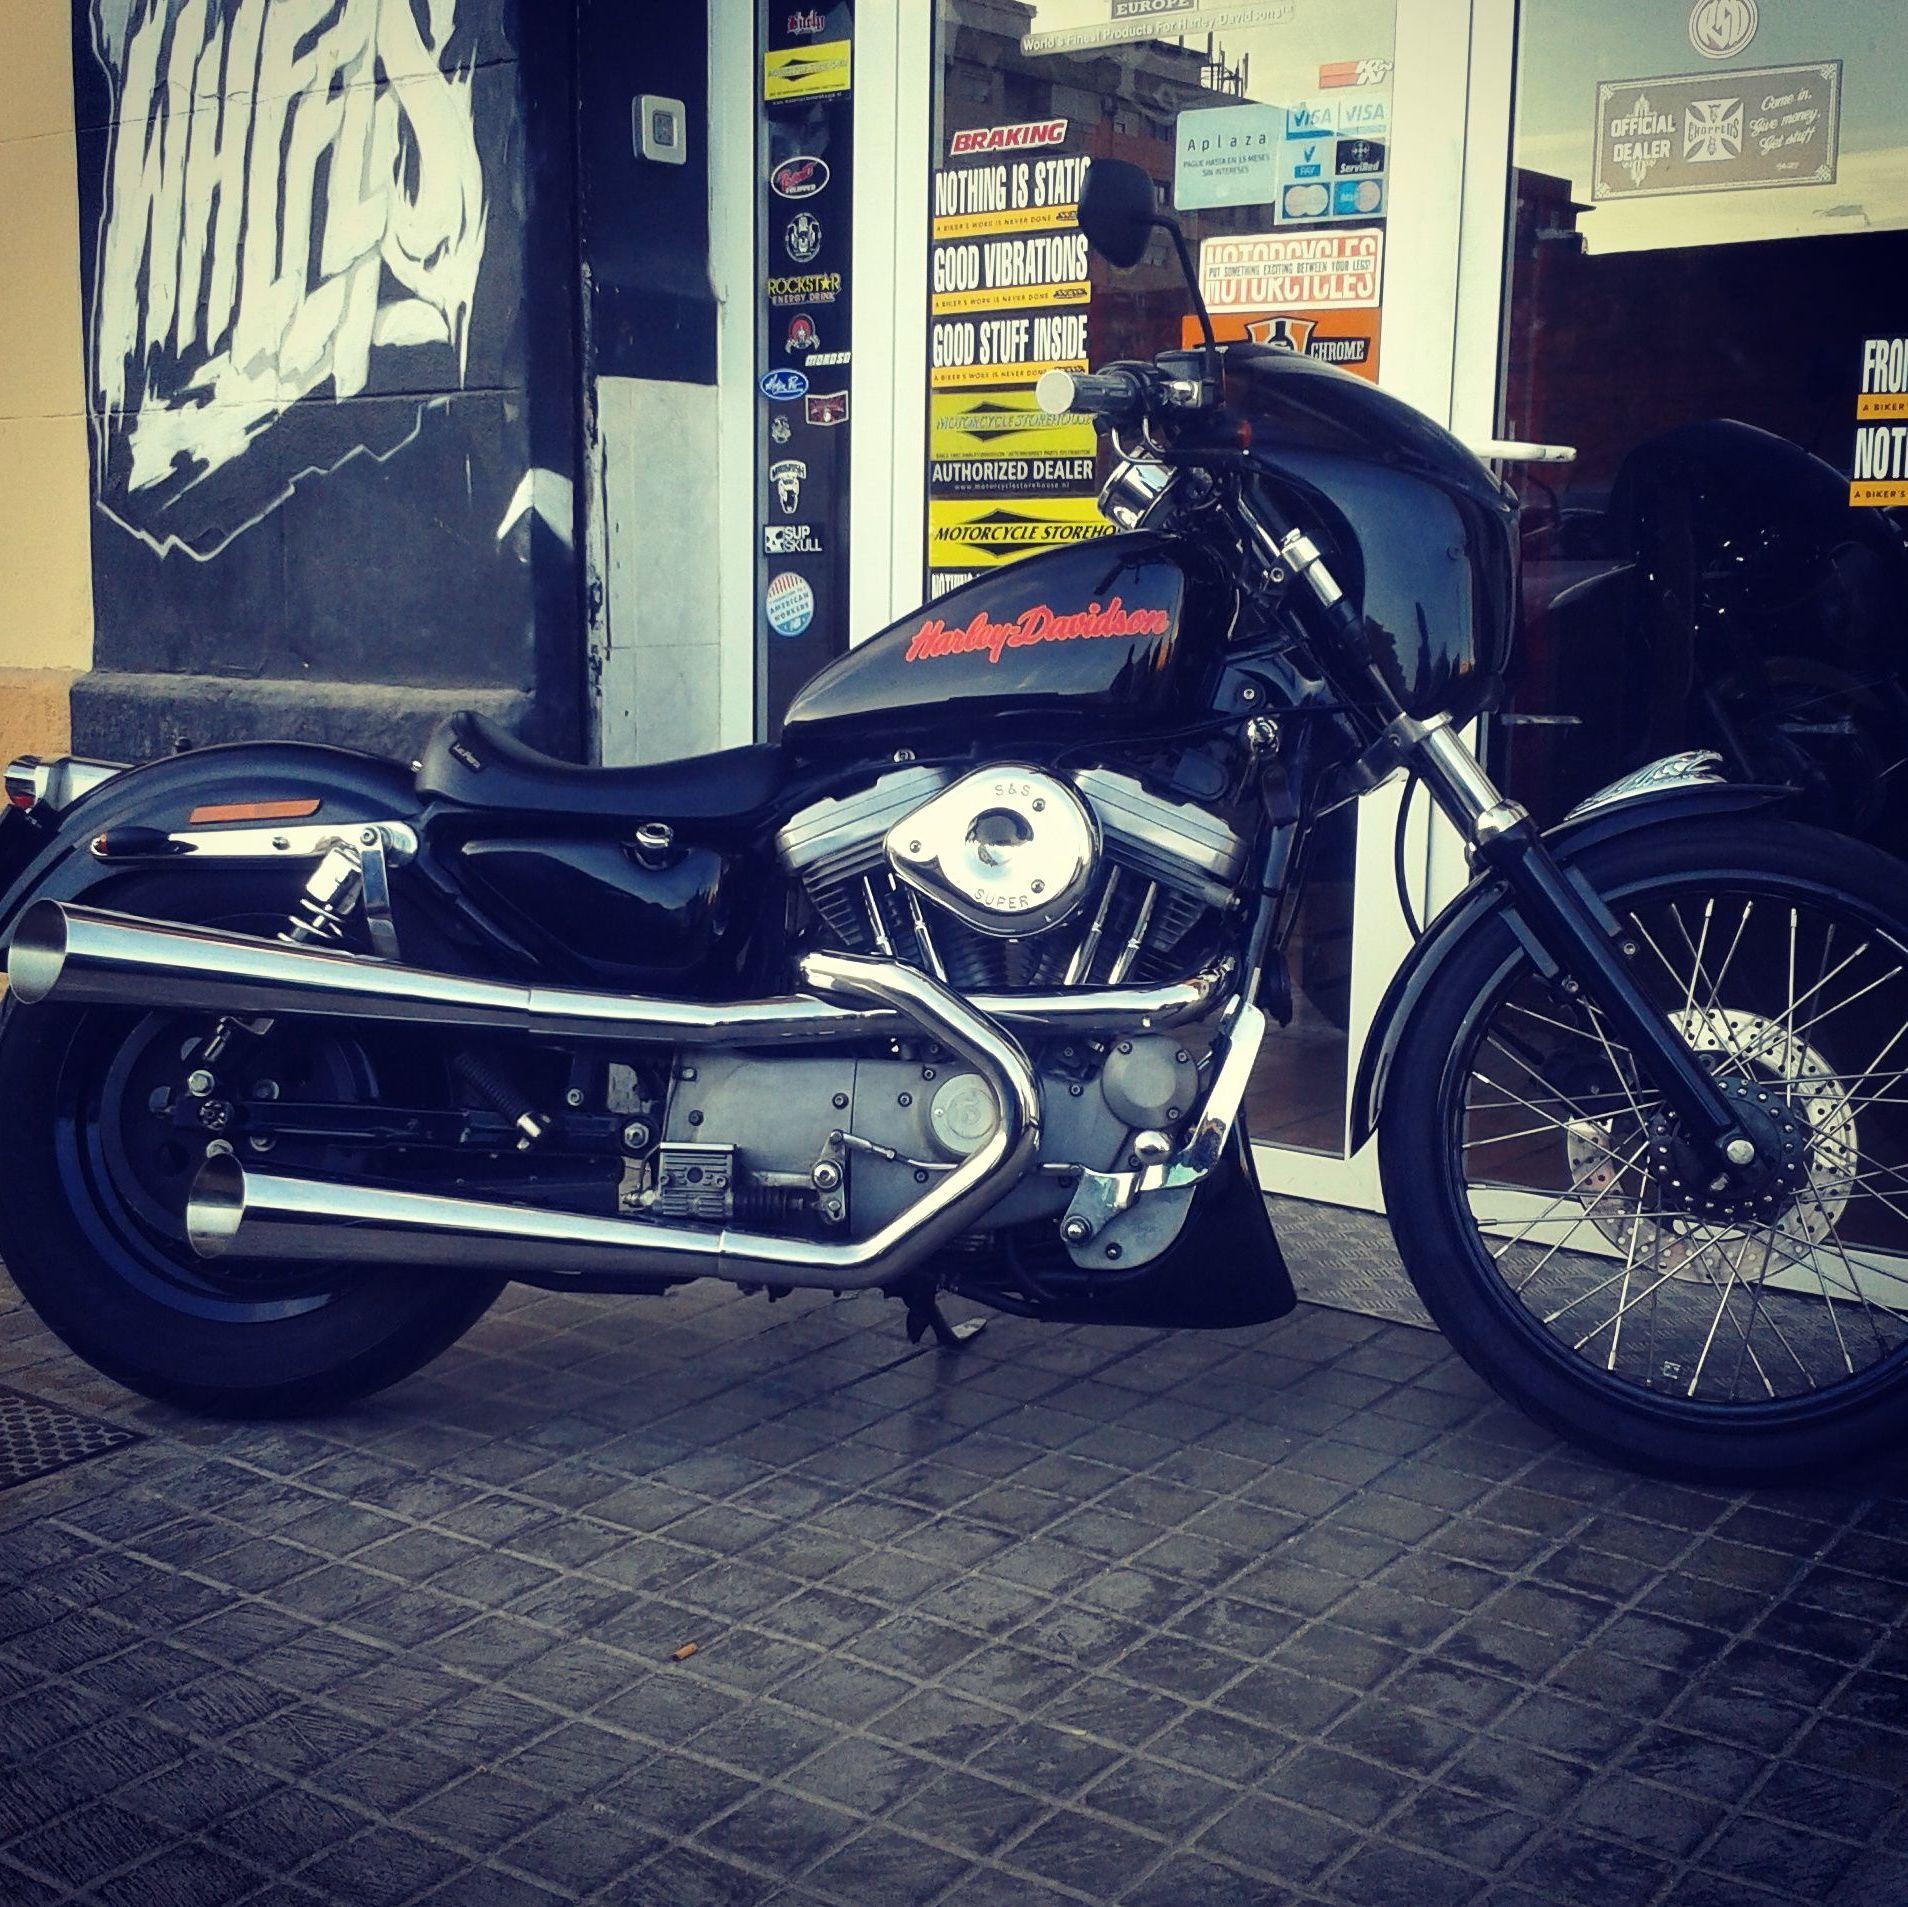 customizar motos custom, customizar motos en Valencia, harley davidson, sporster, personalizar motos, transformacion sporster en Valencia